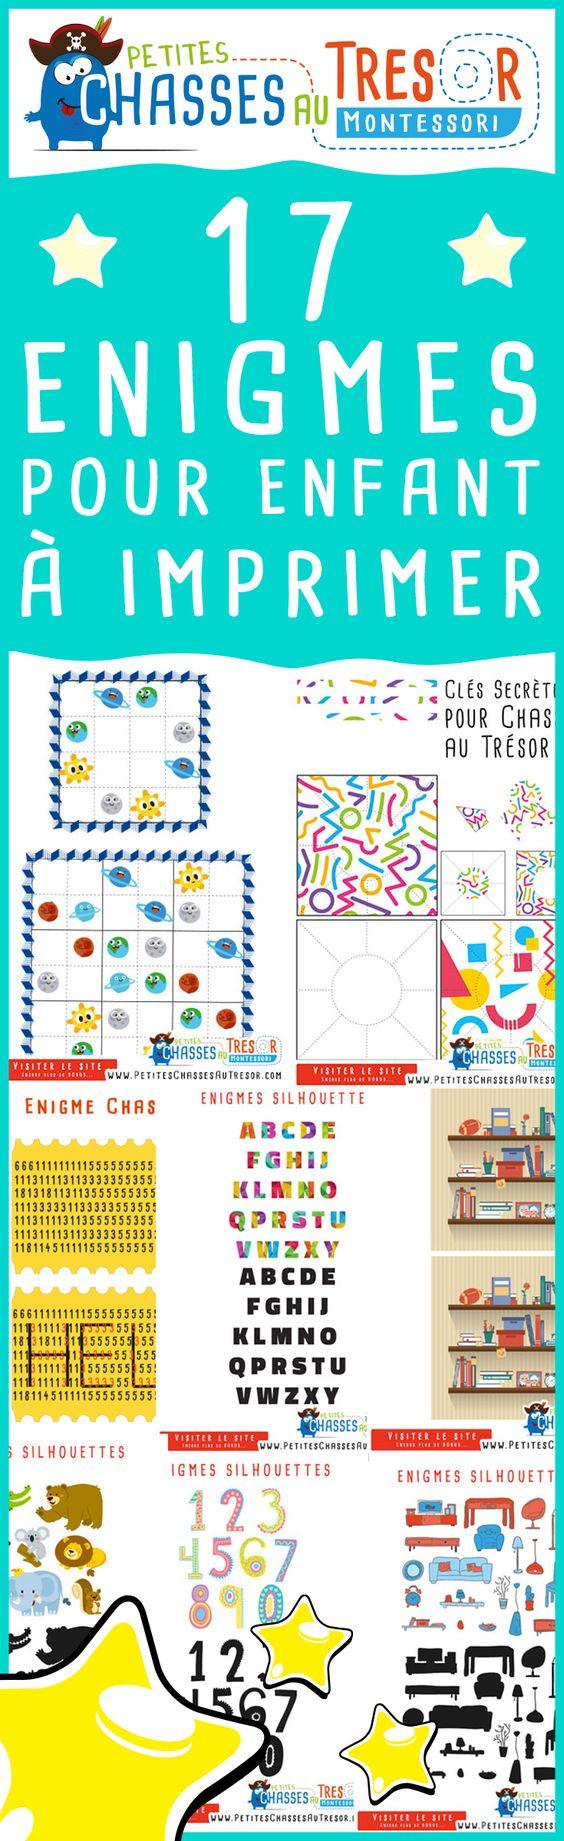 enigmes pour enfants imprimer des activit s de reflexion pour les enfant de 5 ans 14 ans. Black Bedroom Furniture Sets. Home Design Ideas